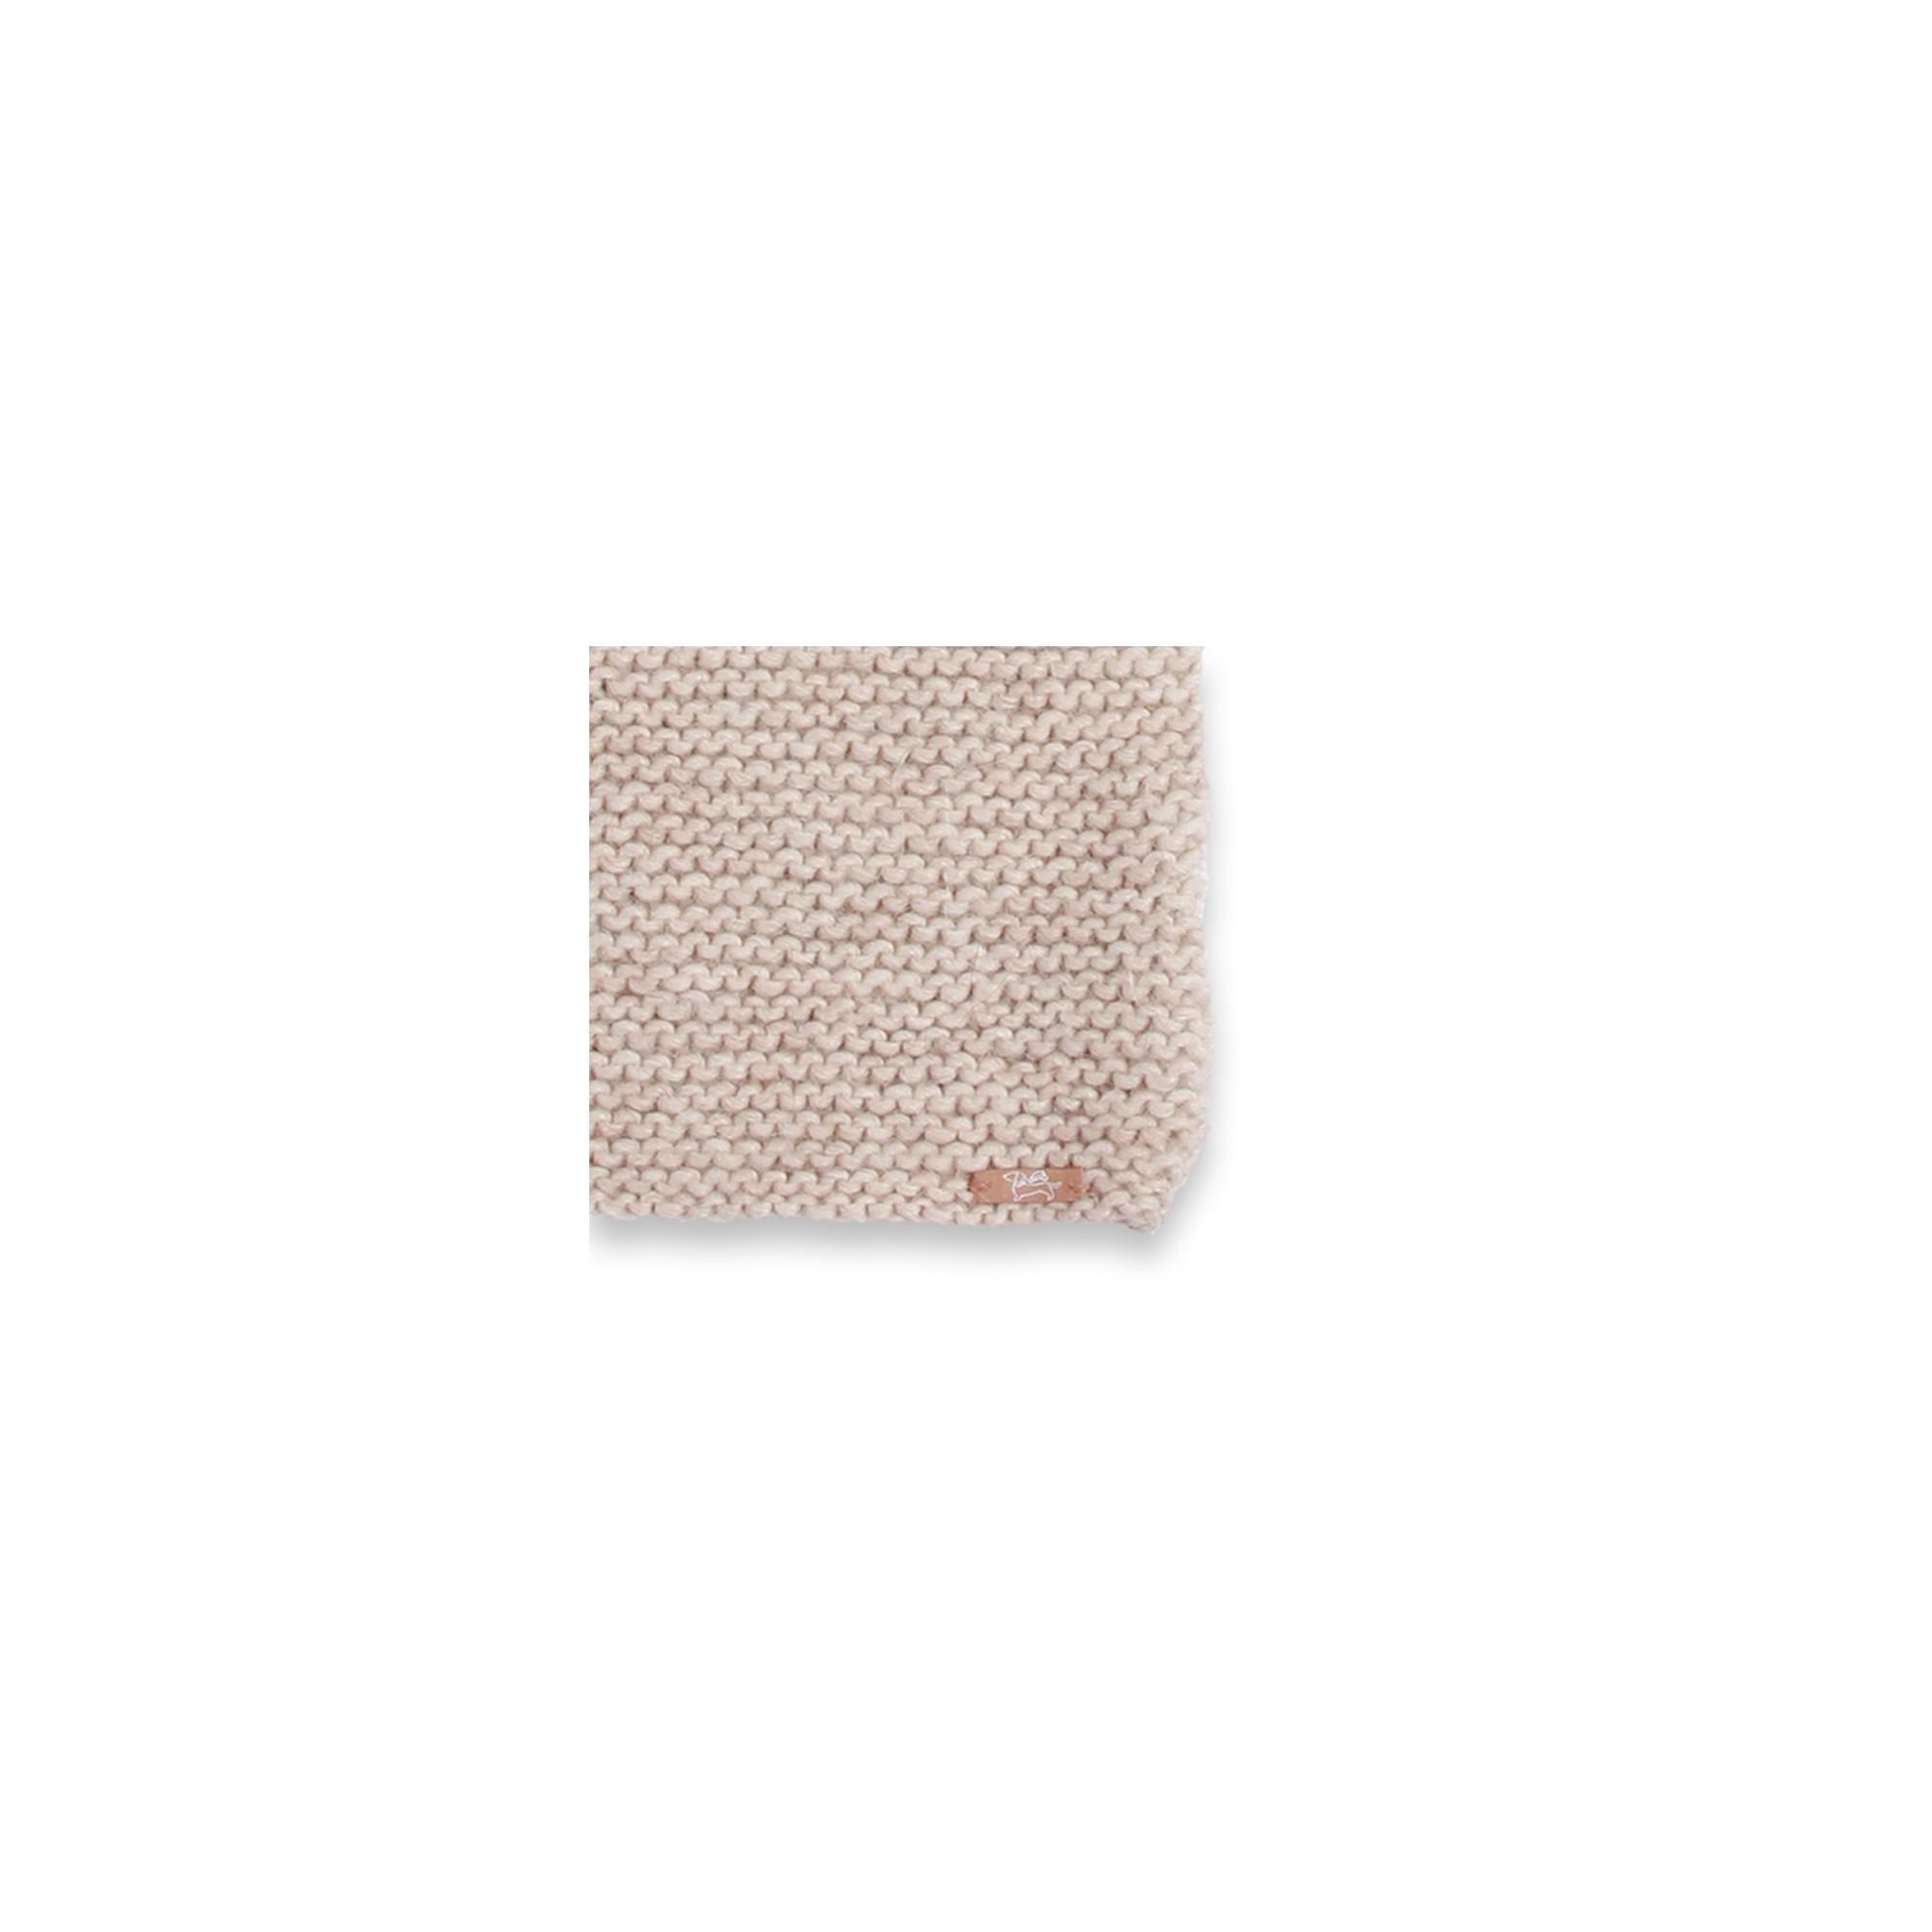 Cape bébé beige écru, au point mousse, en laine et alpaga - détail